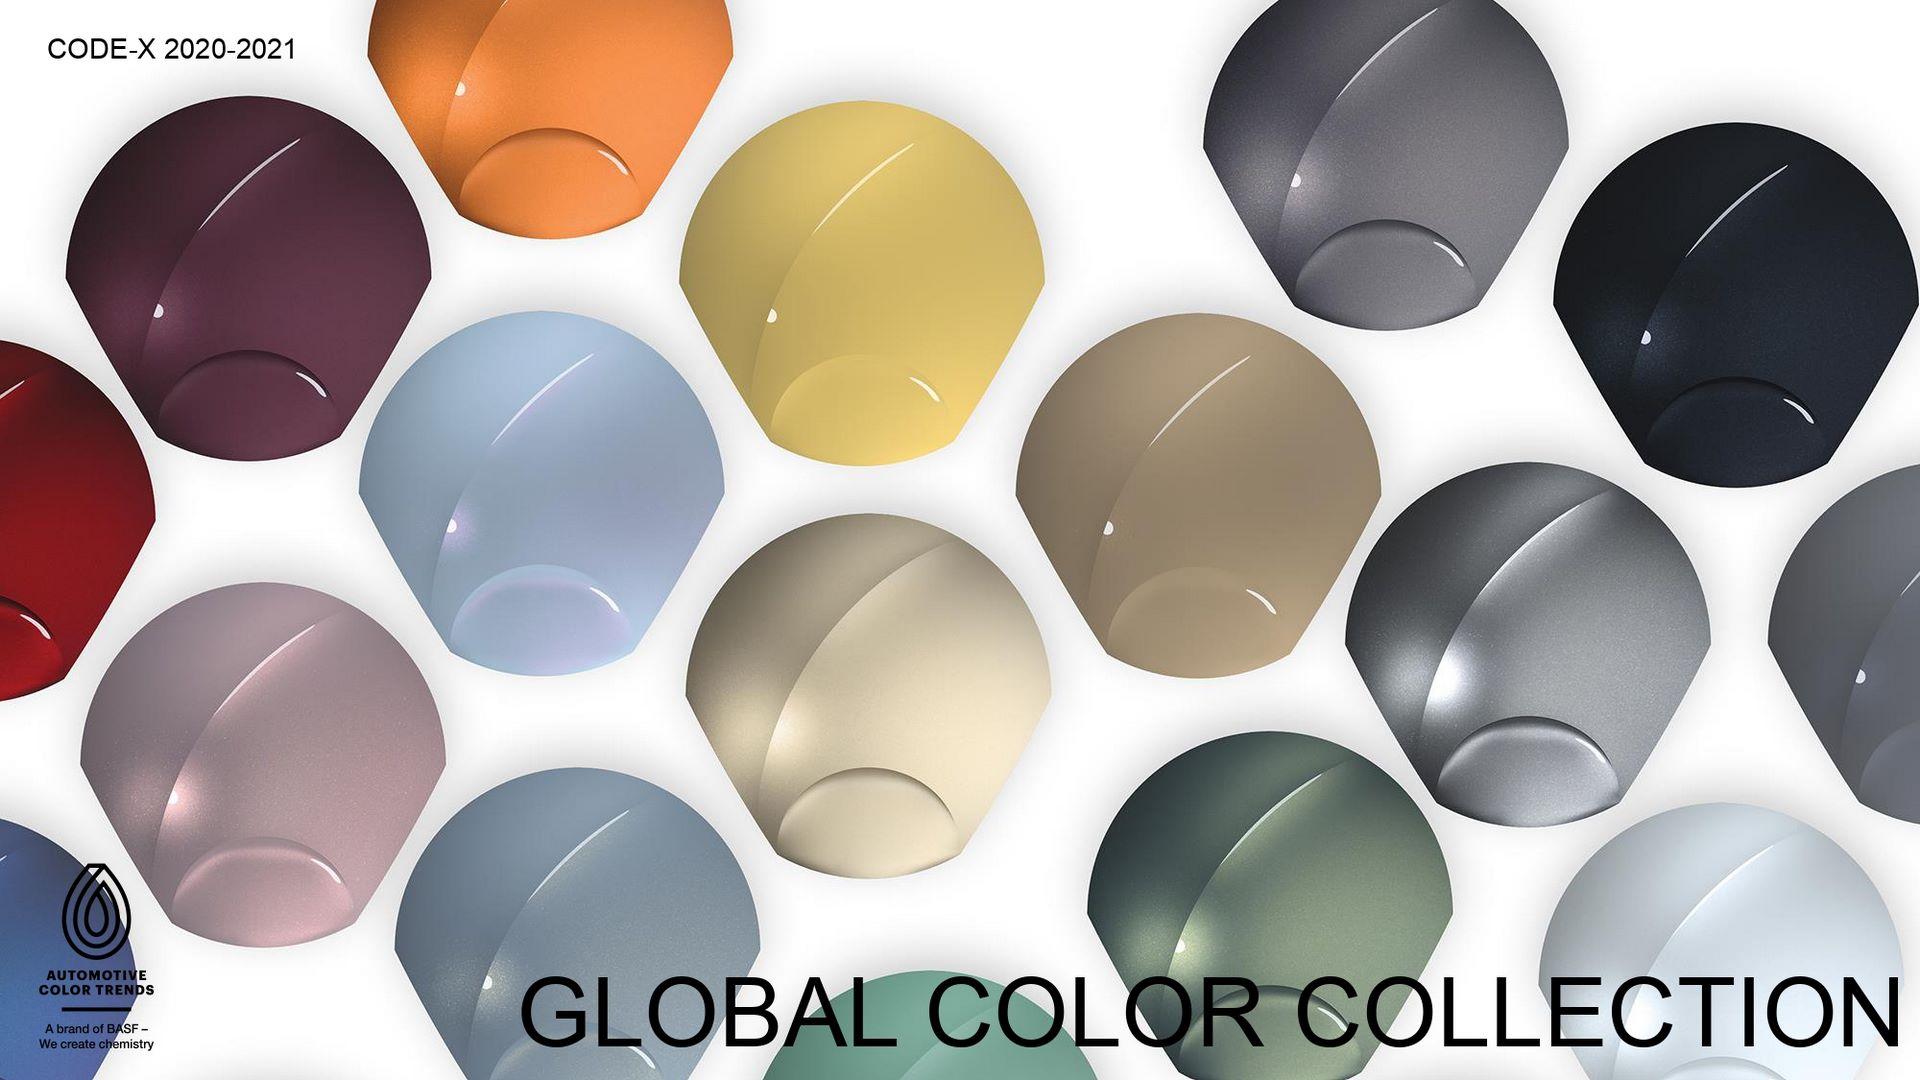 BASF-Automotive-Color-Trends-2020-2021-3